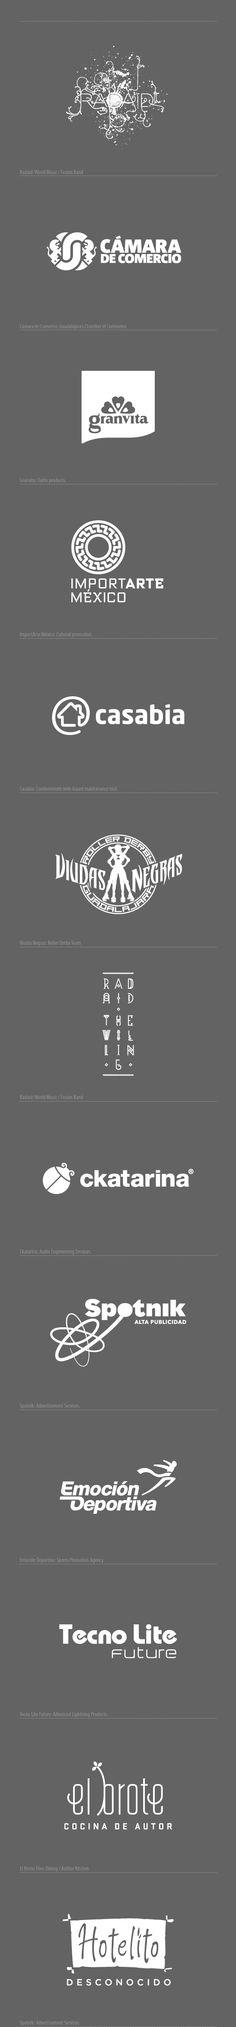 Logos by Oscar Borre